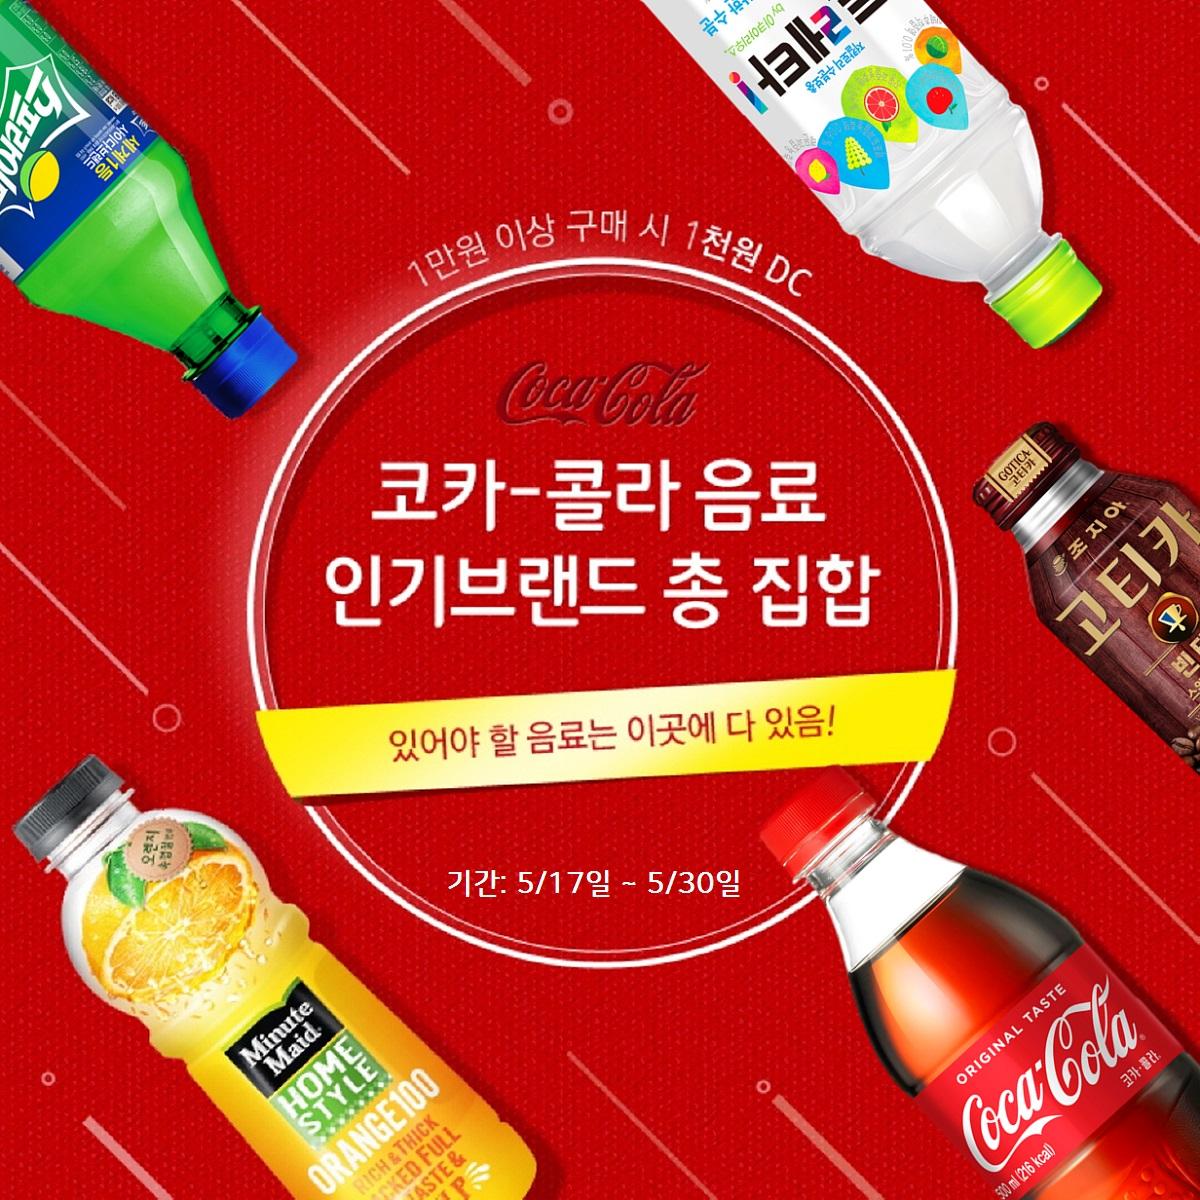 코카콜라음료 할인행사!! 1만원 이상 구매시 1천원 할인 (기간: 5/17일 ~ 5/30, 점포상품)